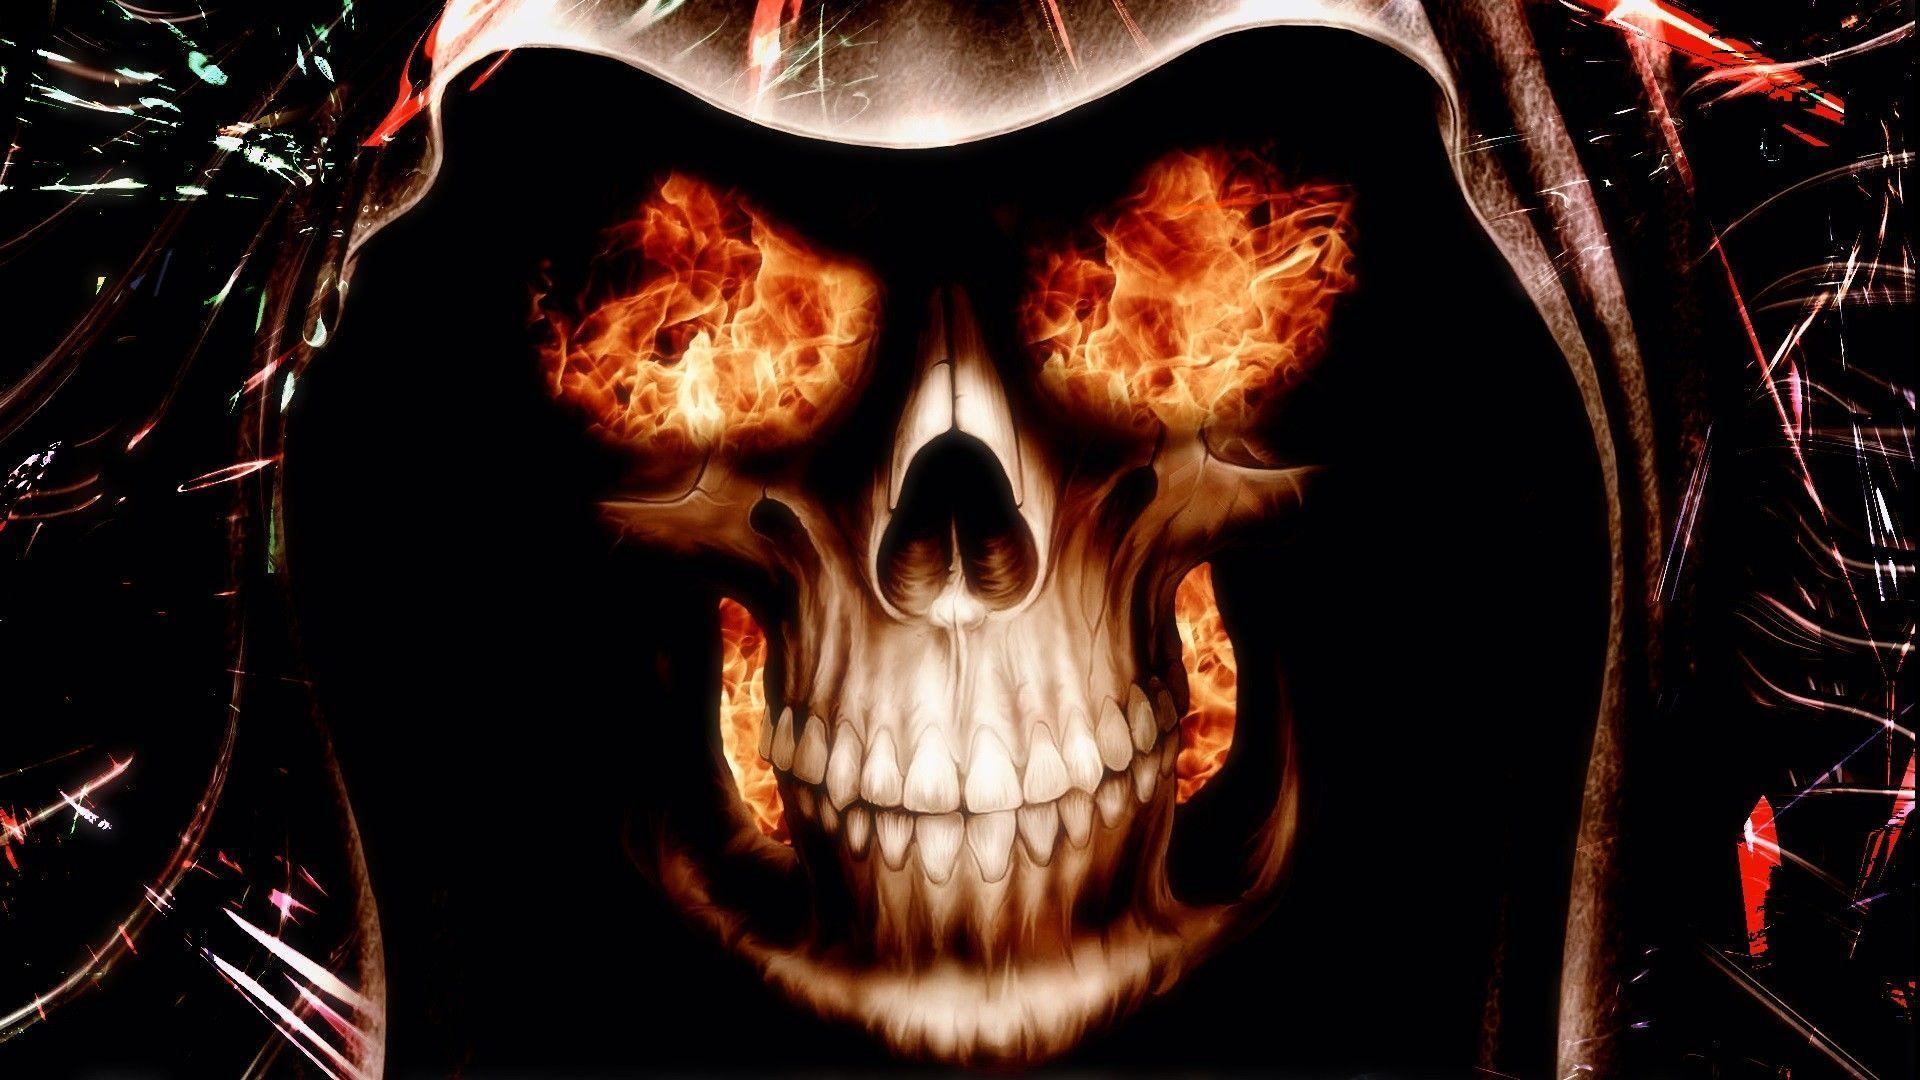 Burning Skull Eyes HD Wallpaper